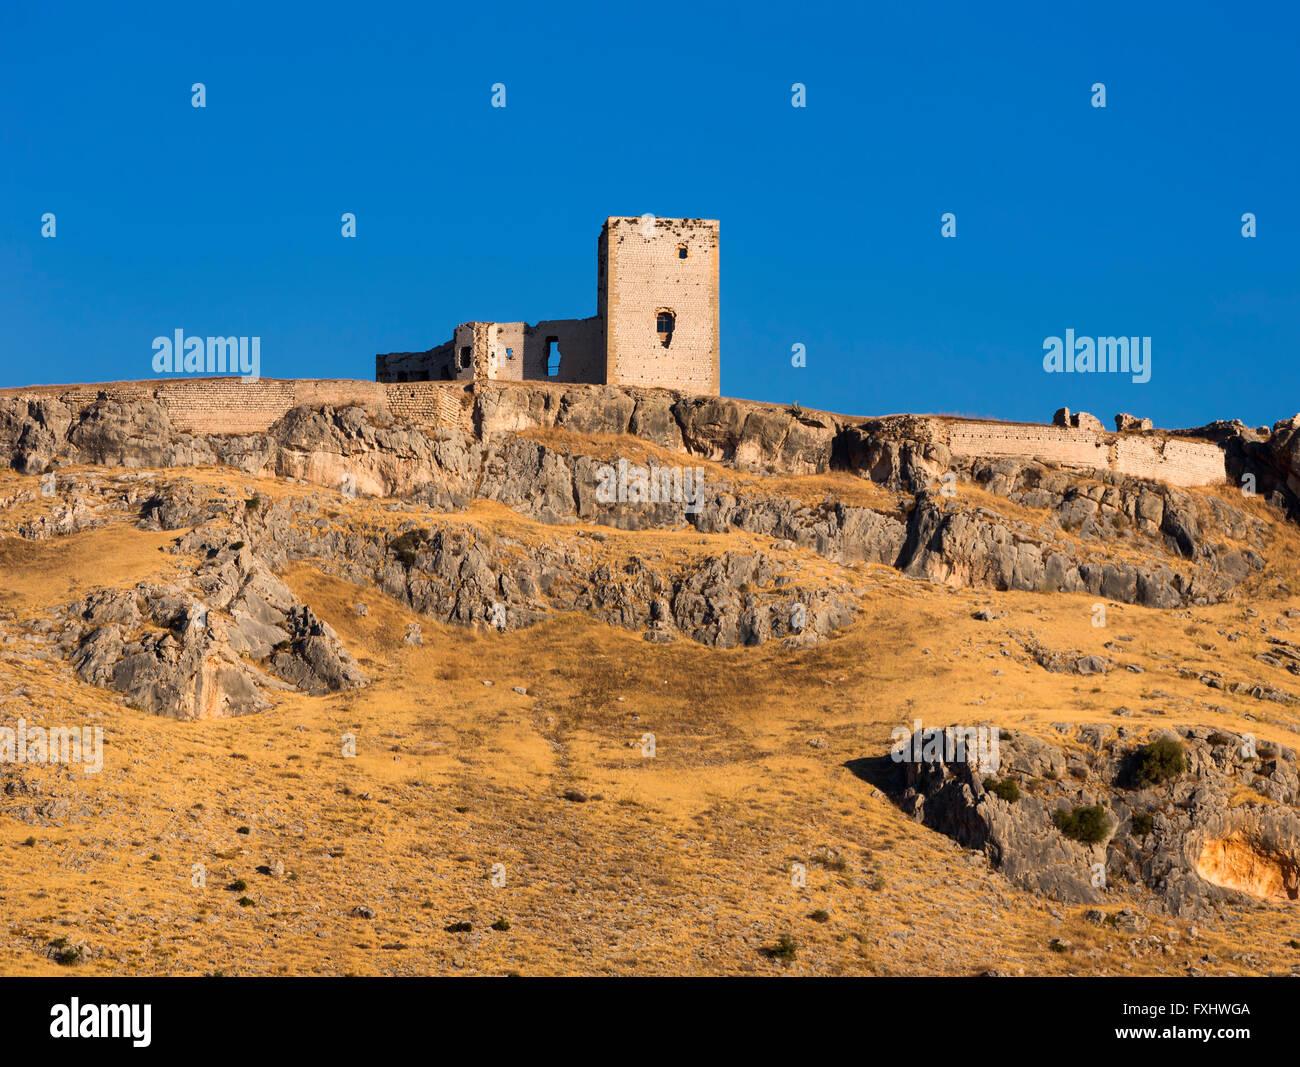 De Teba, provincia de Málaga, Andalucía, sur de España. Castillo de la estrella. Castillo de la Estrella Imagen De Stock